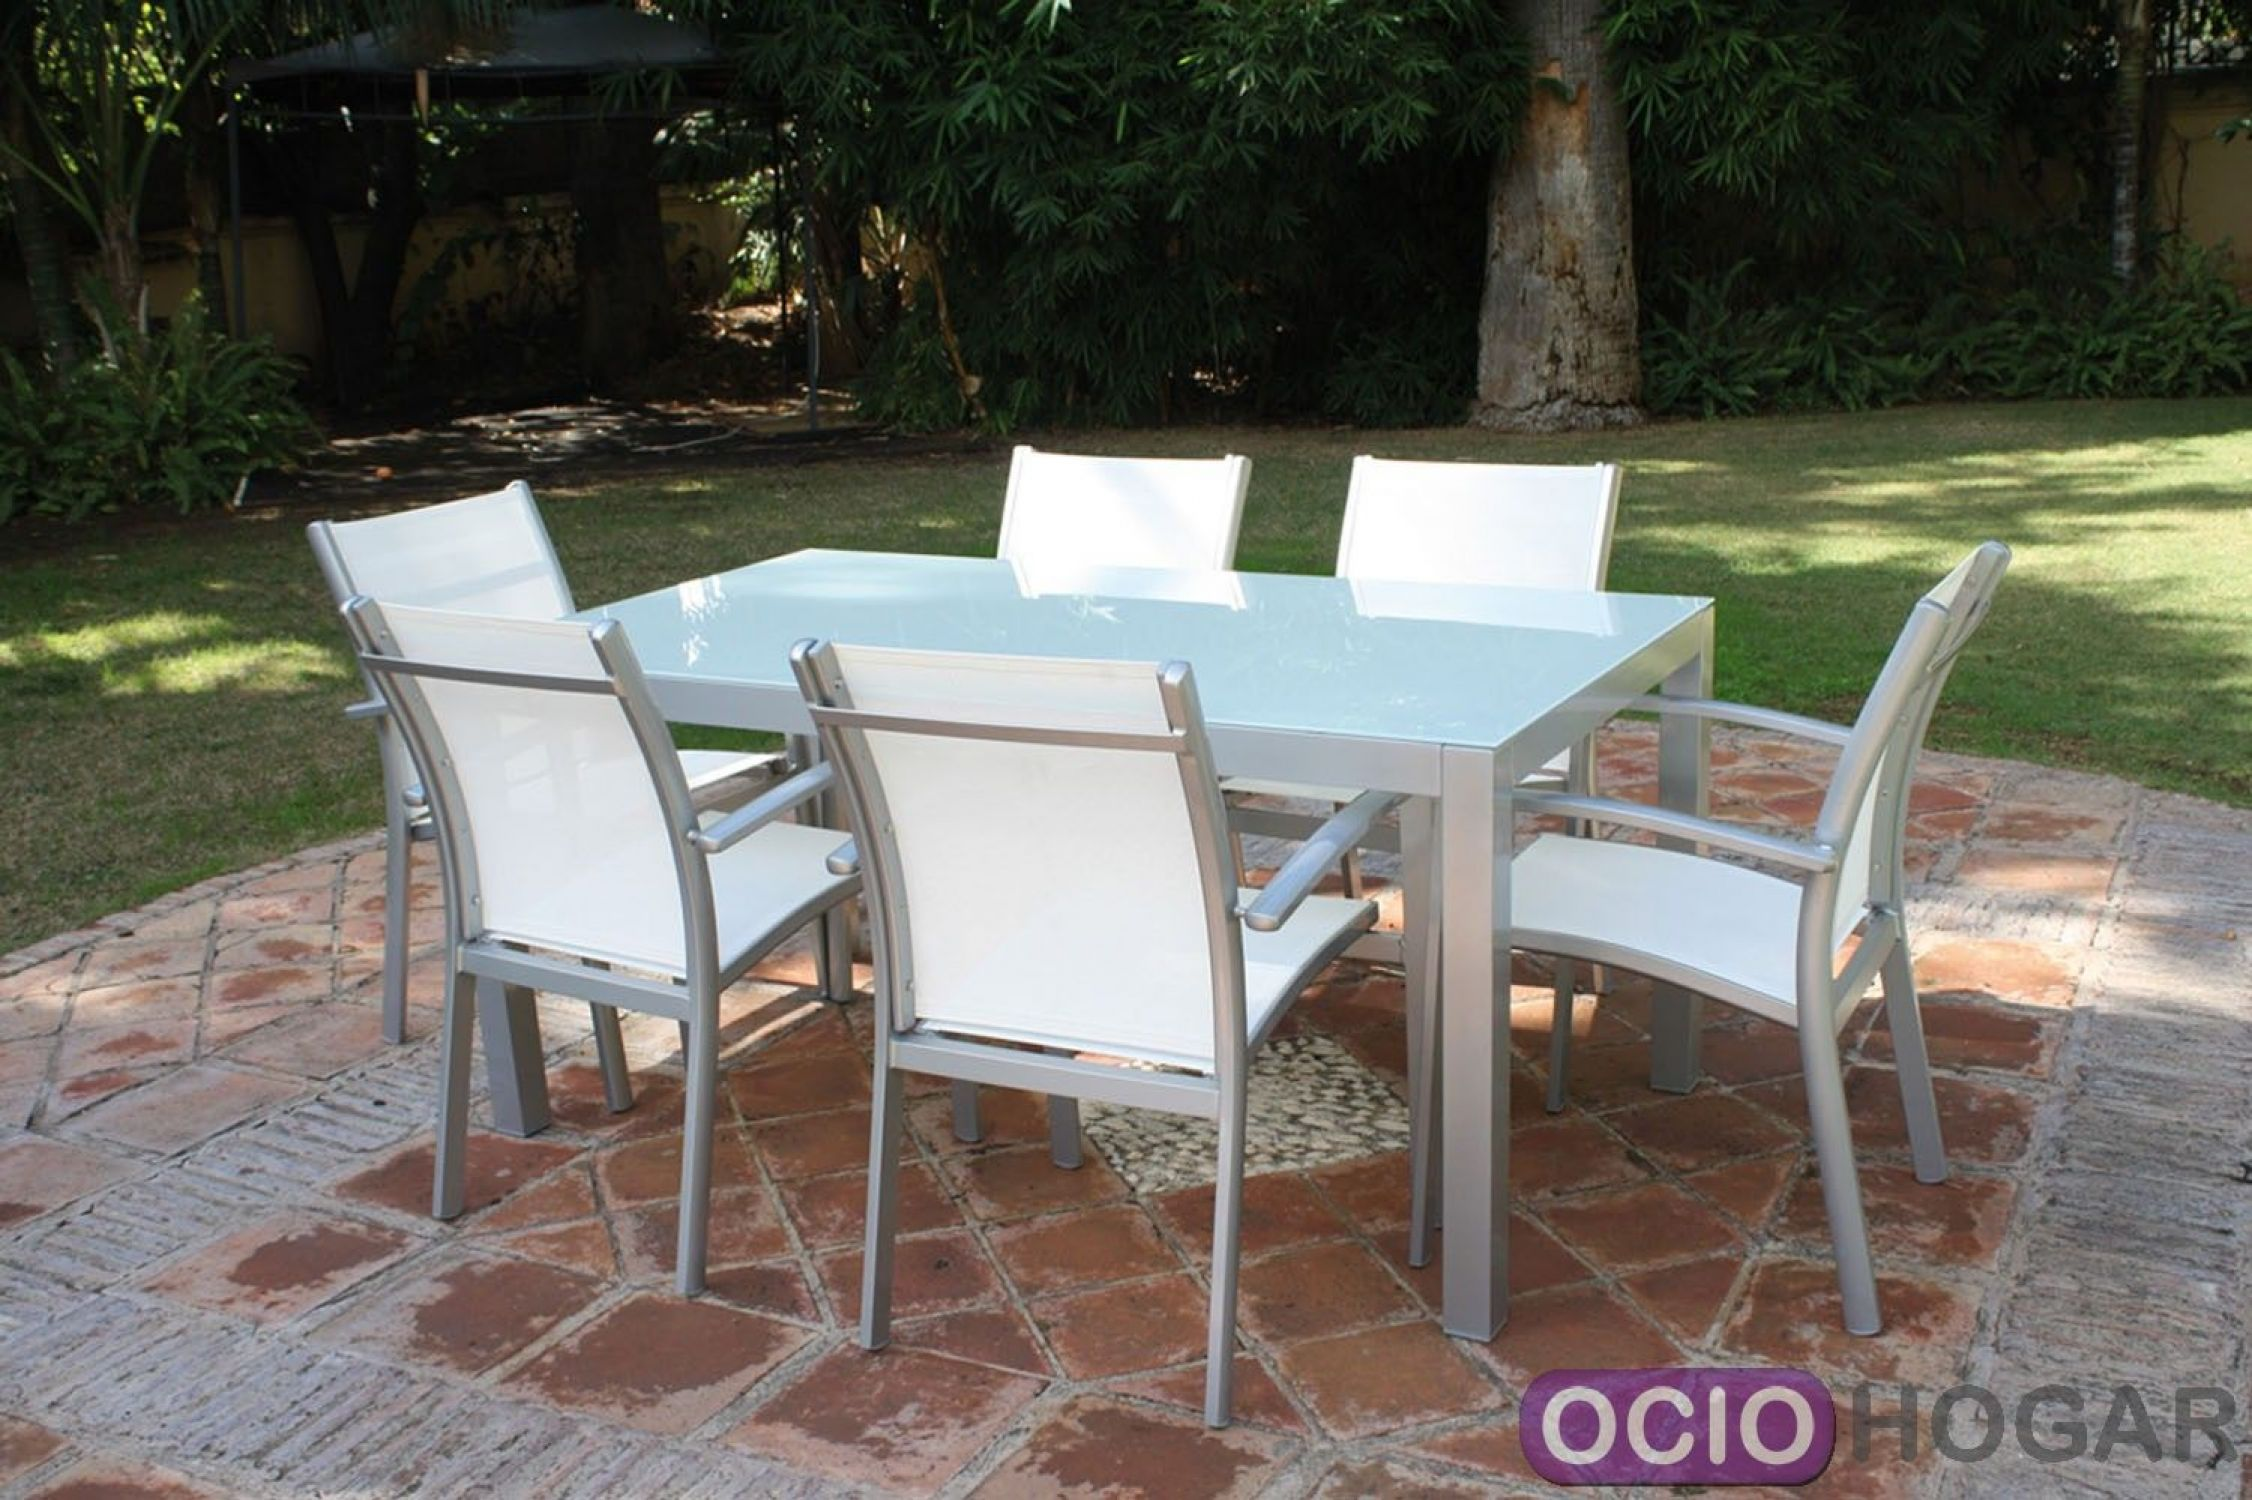 Mesa y sillas de jard n c diz majestic garden muebles de for Sillones de jardin